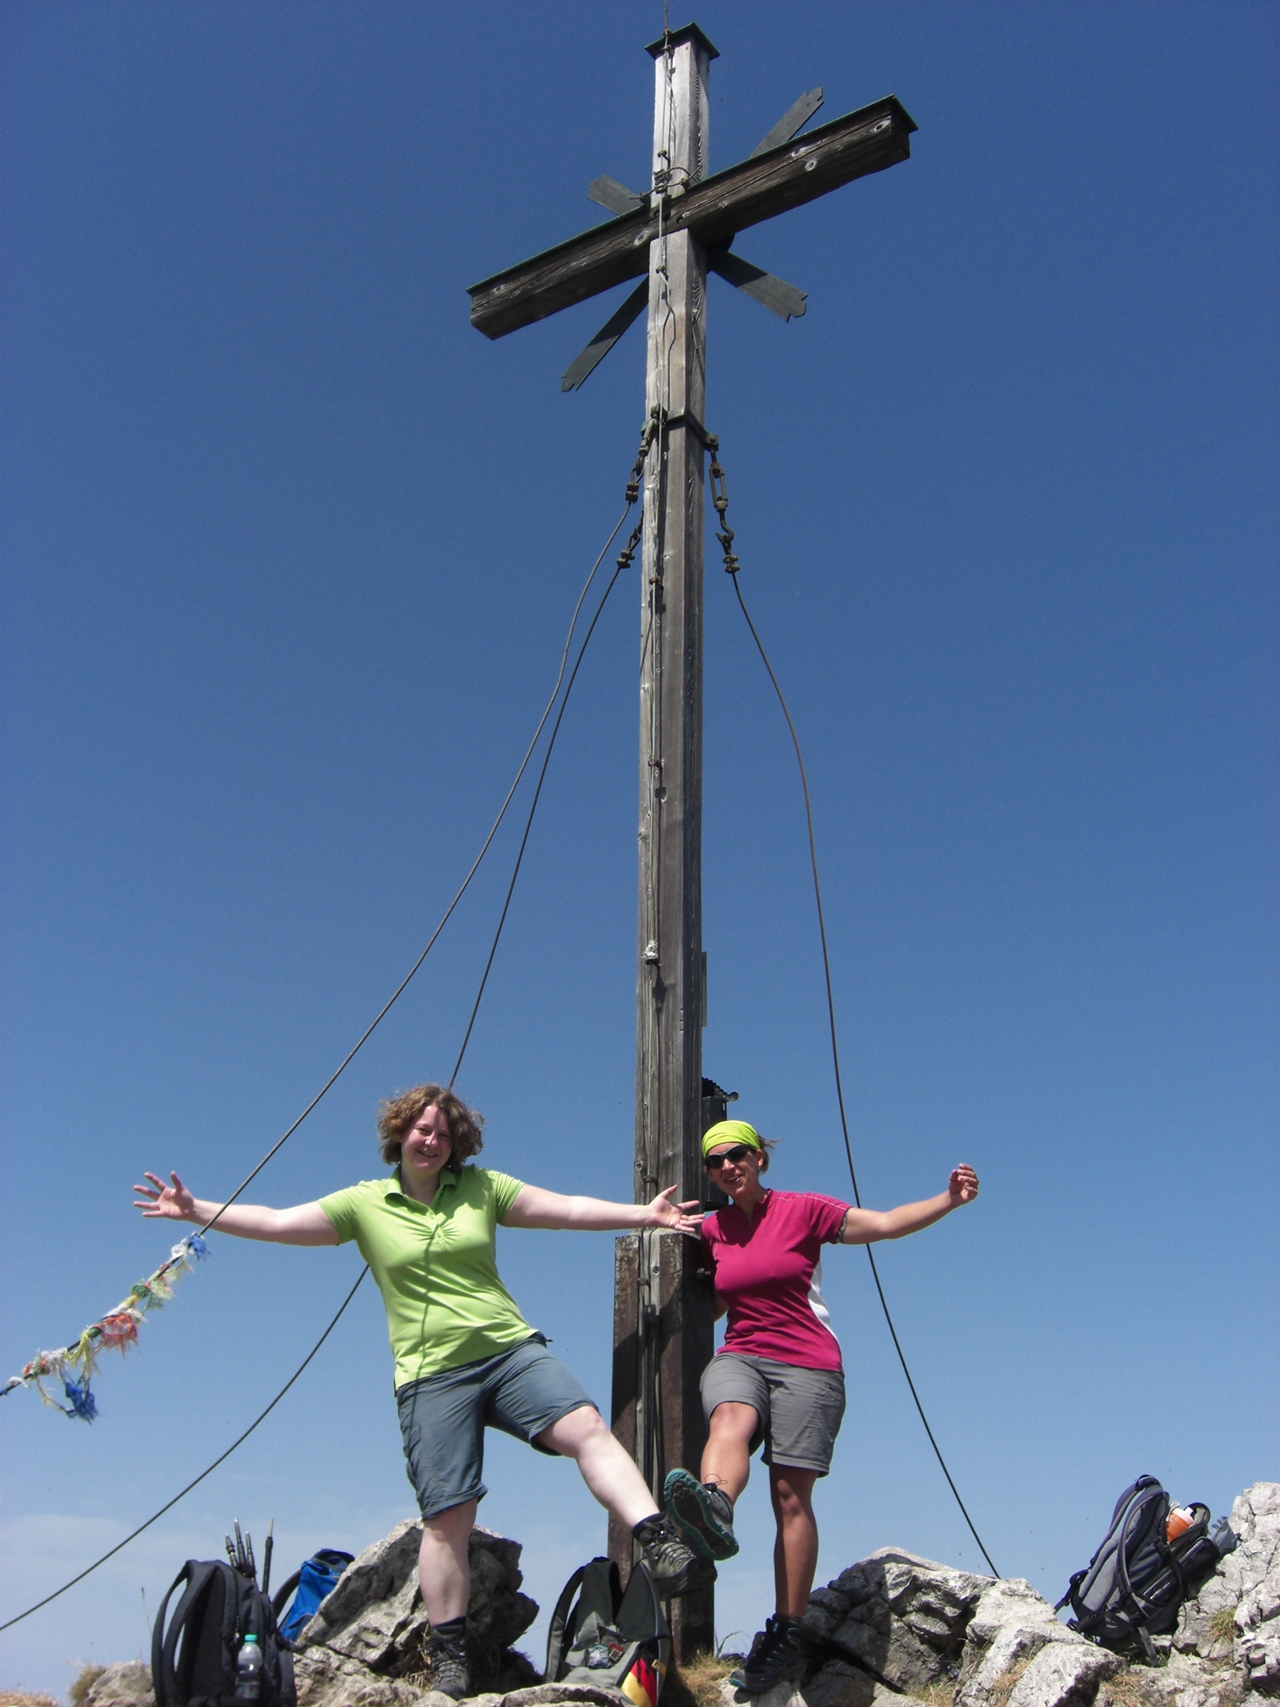 Stefanie und ich frohlocken auf dem Aiplspitz Gipfel